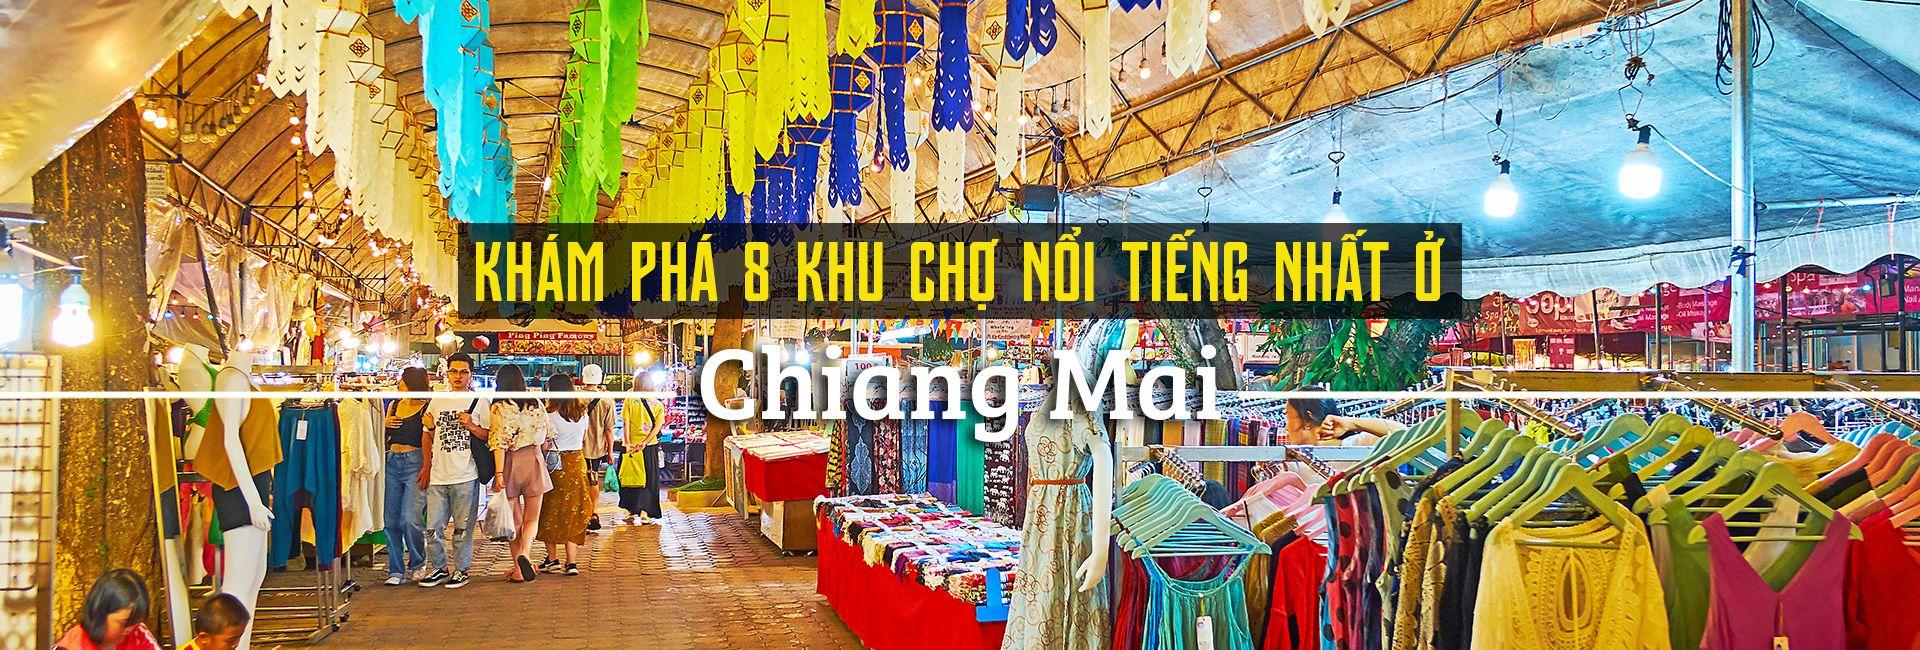 Top 8 khu chợ nổi tiếng nhất ở Chiang Mai, Thái Lan